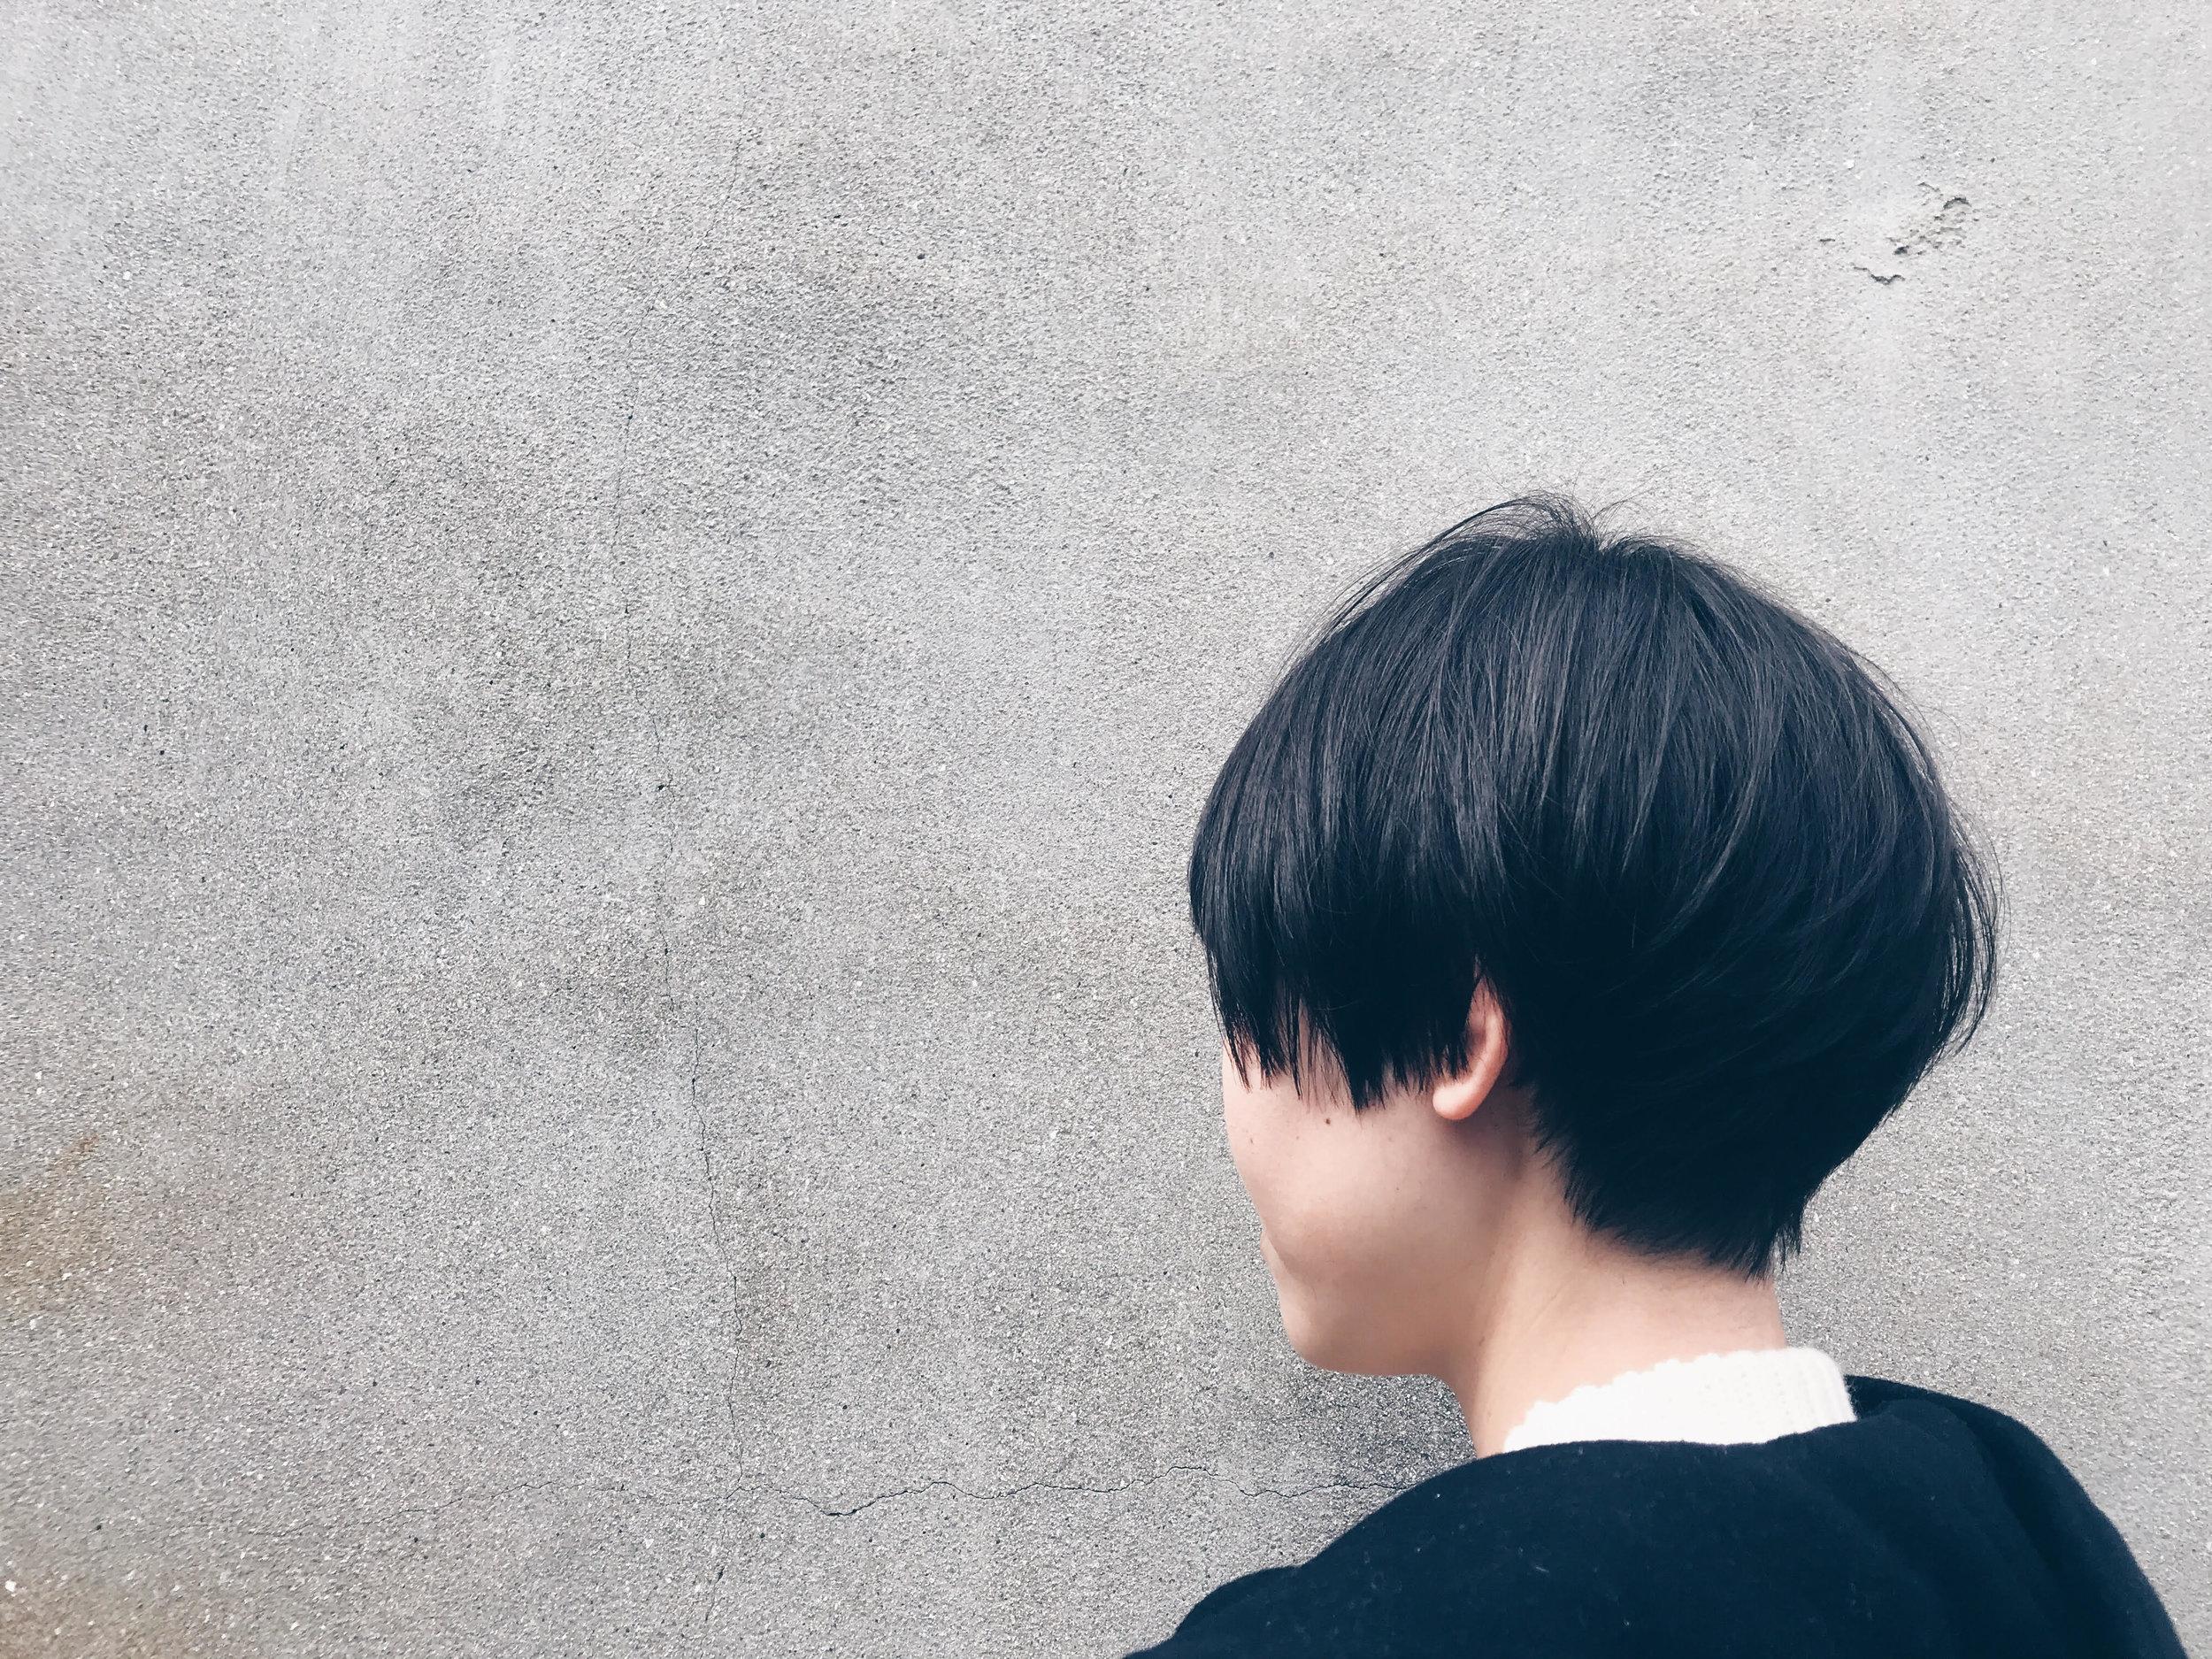 ミディアムからのショート!  カラーも少し明るめに褪色した毛に、イルミナカラーの暗めの青を入れています。少しわかりずらいですが....    そして私もバッサリ!